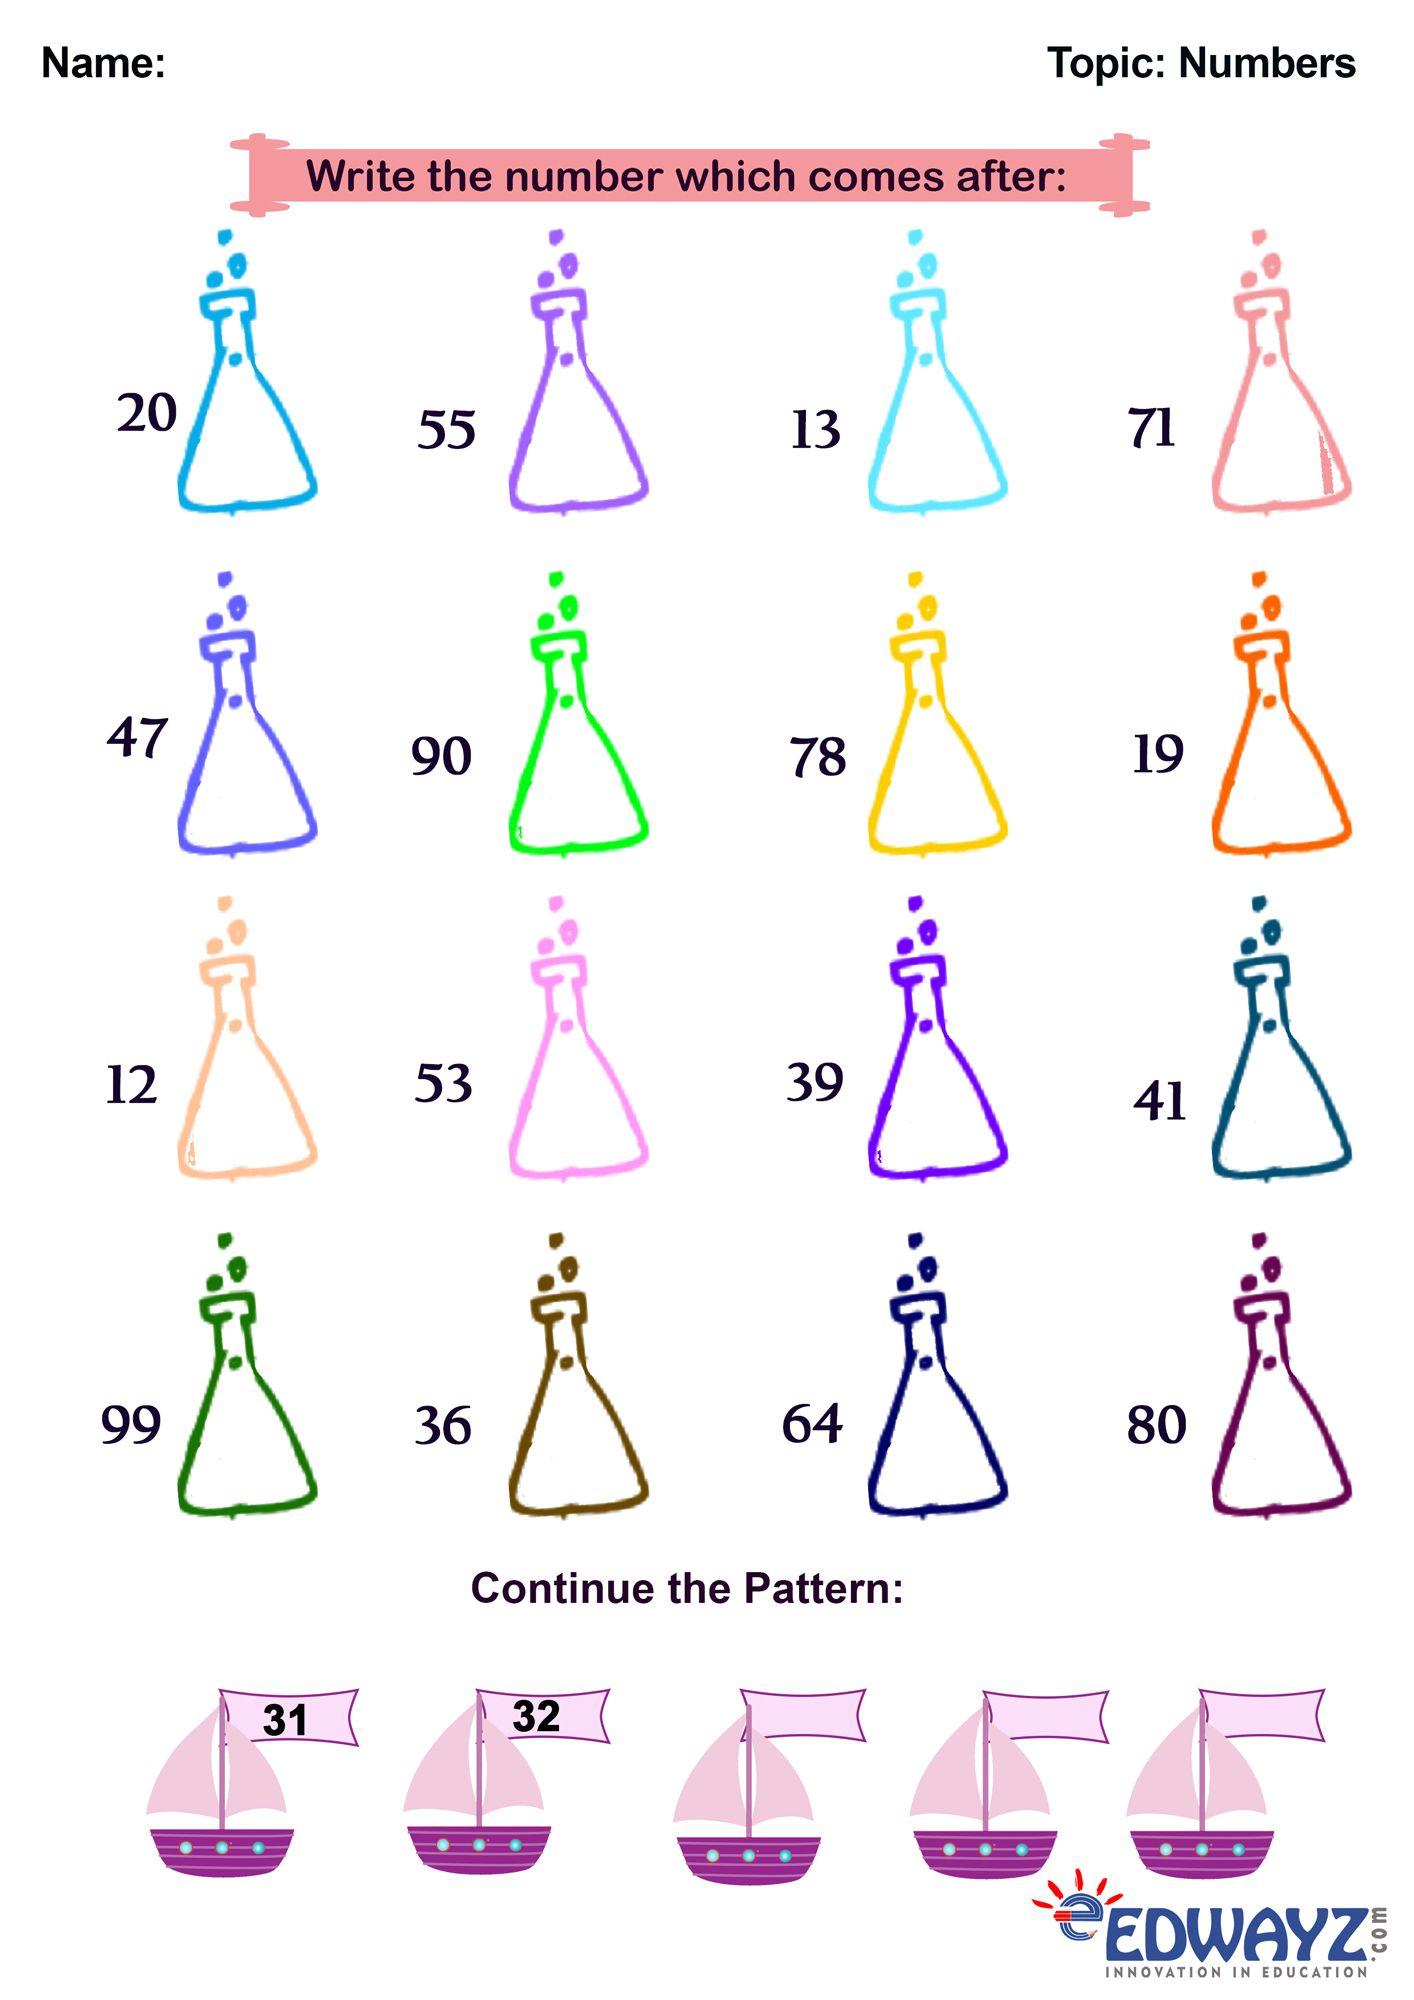 Edwayz Freeworksheets Math Class1 Numbers Whatcomesafter Pattern Class 1 Maths Math Worksheet Math [ 2000 x 1414 Pixel ]